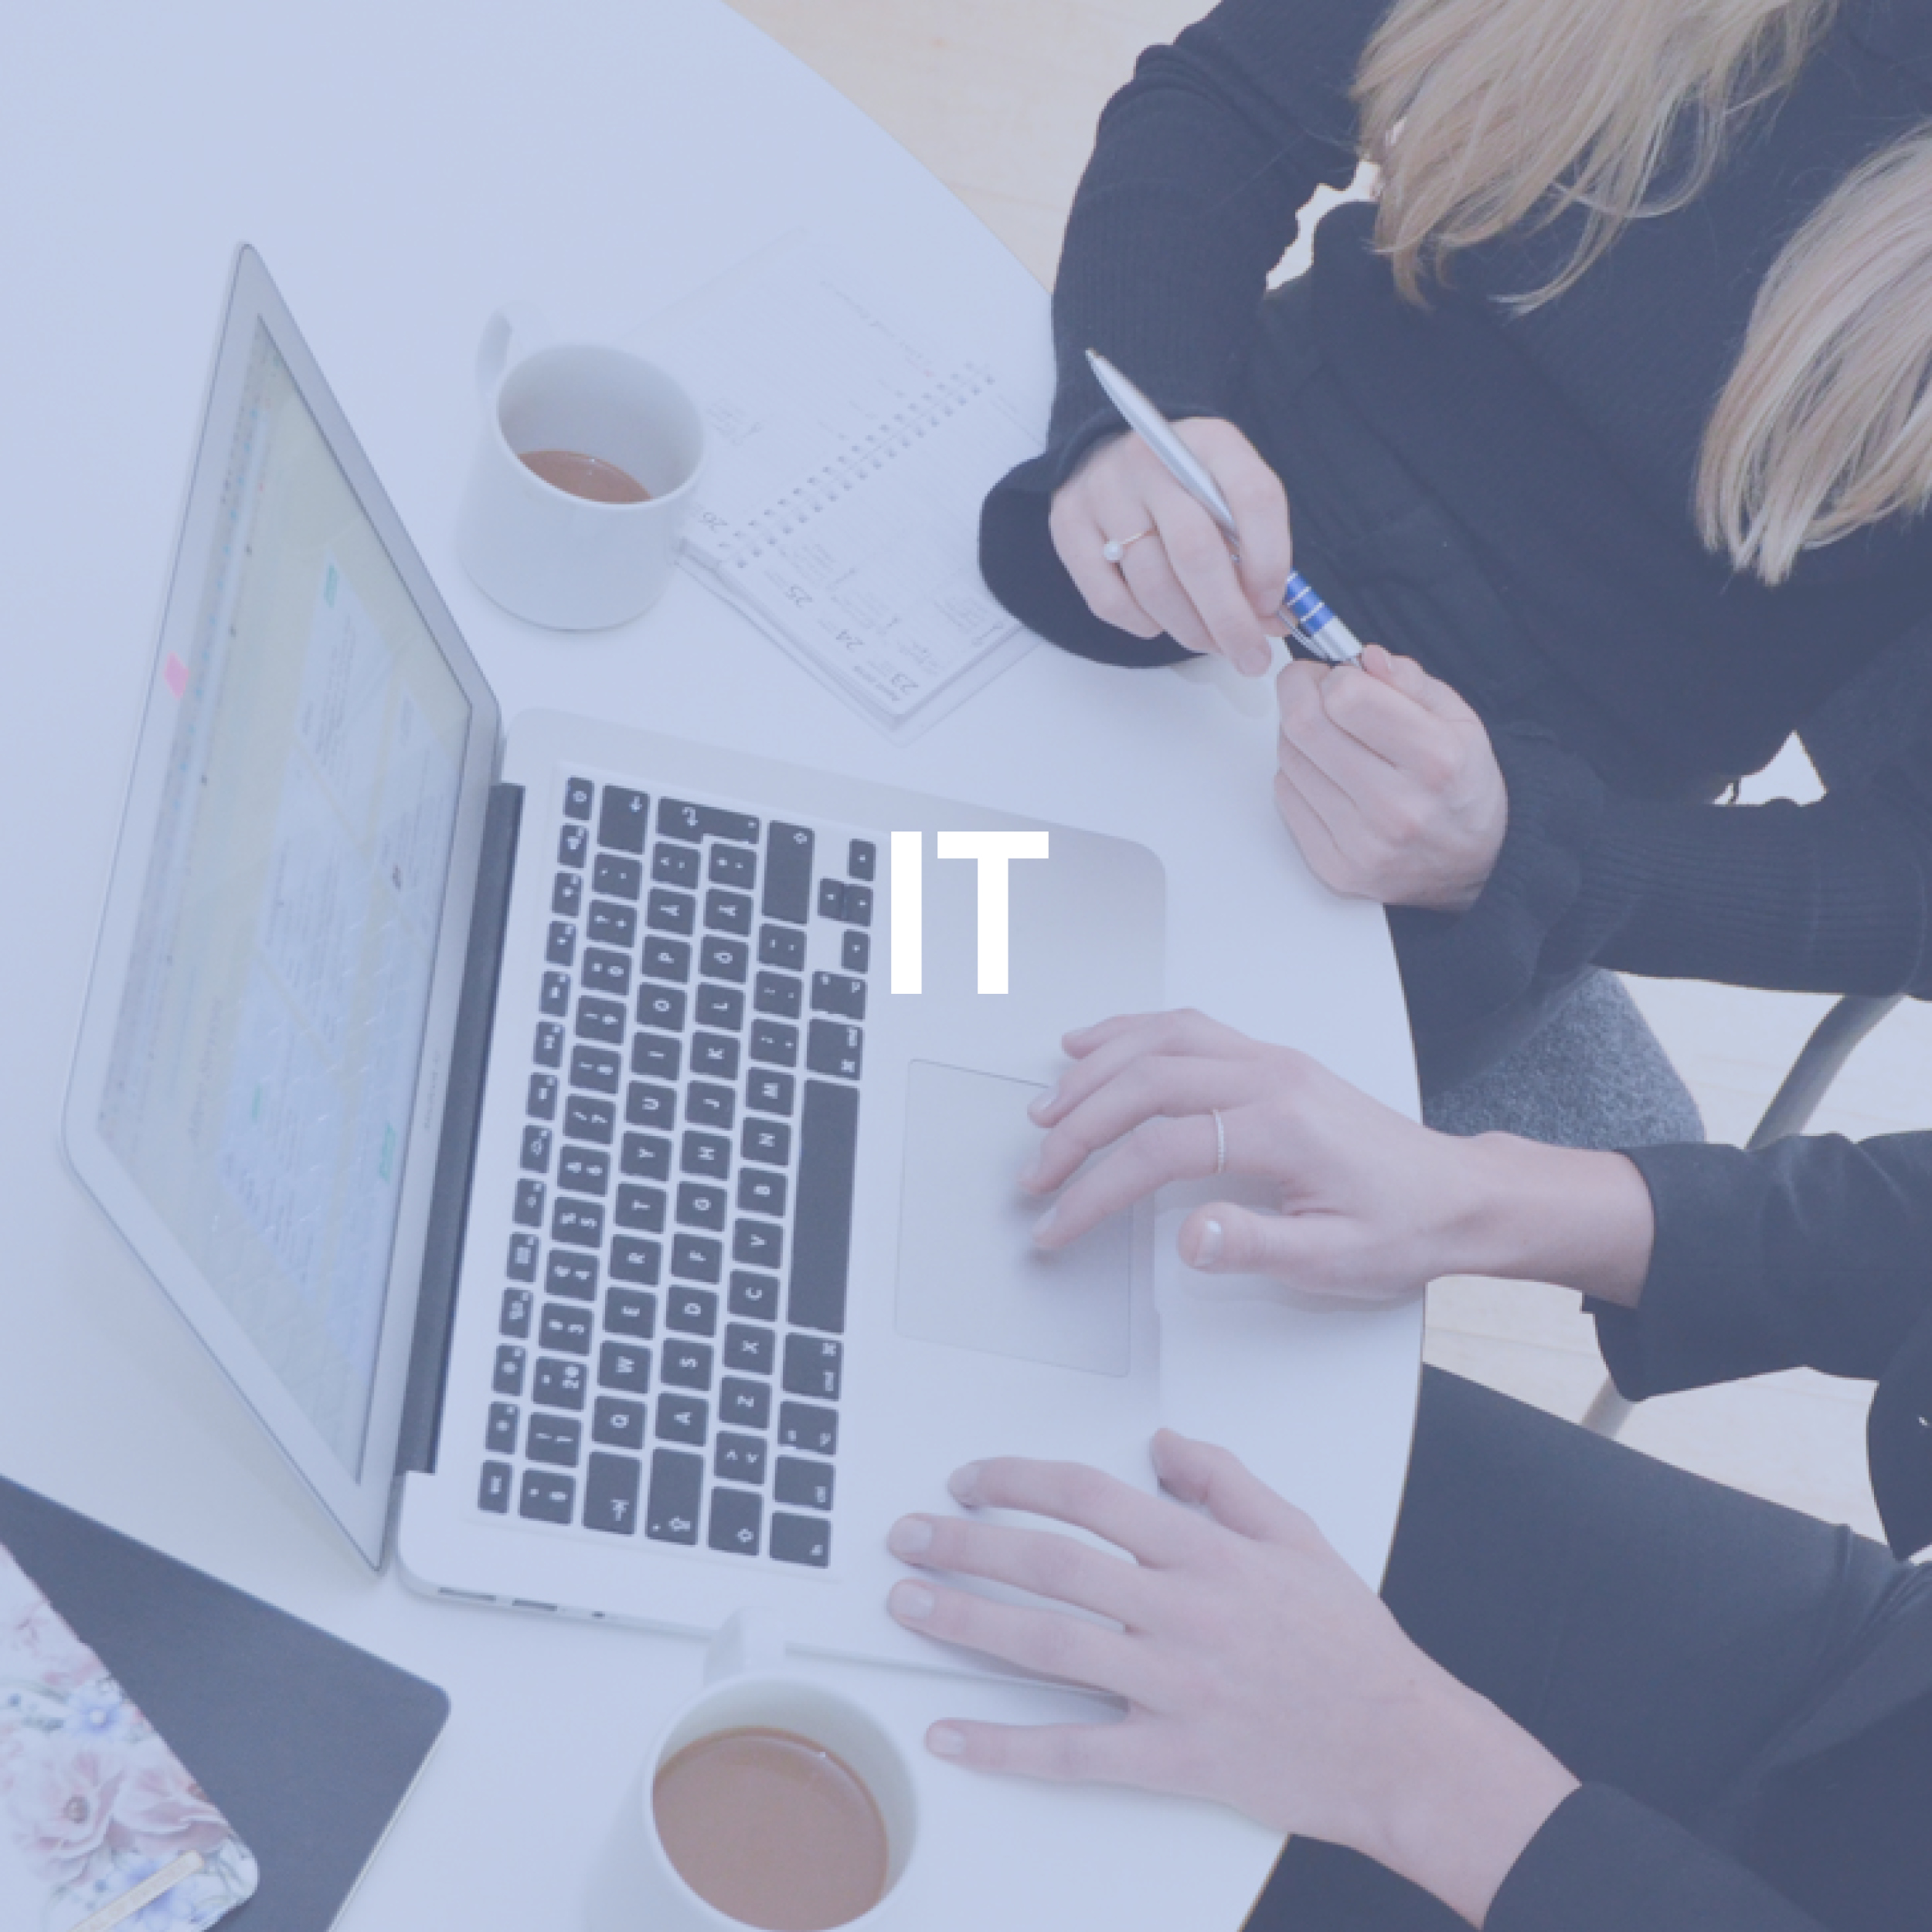 IT - Inom IT har företag idag ofta alldeles unika utmaningar. För att hitta den mest optimala lösningen för just ditt företag, strävar vi alltid efter att arbeta agilt under projektets gång.Lunicores utför, med tillgång till ett brett utbud av spetskompetens, projekt för såväl start-ups som större bolag. Vi genomför projekt inom allt från webb- och apputveckling till AI och mer avancerade analyser av olika data.